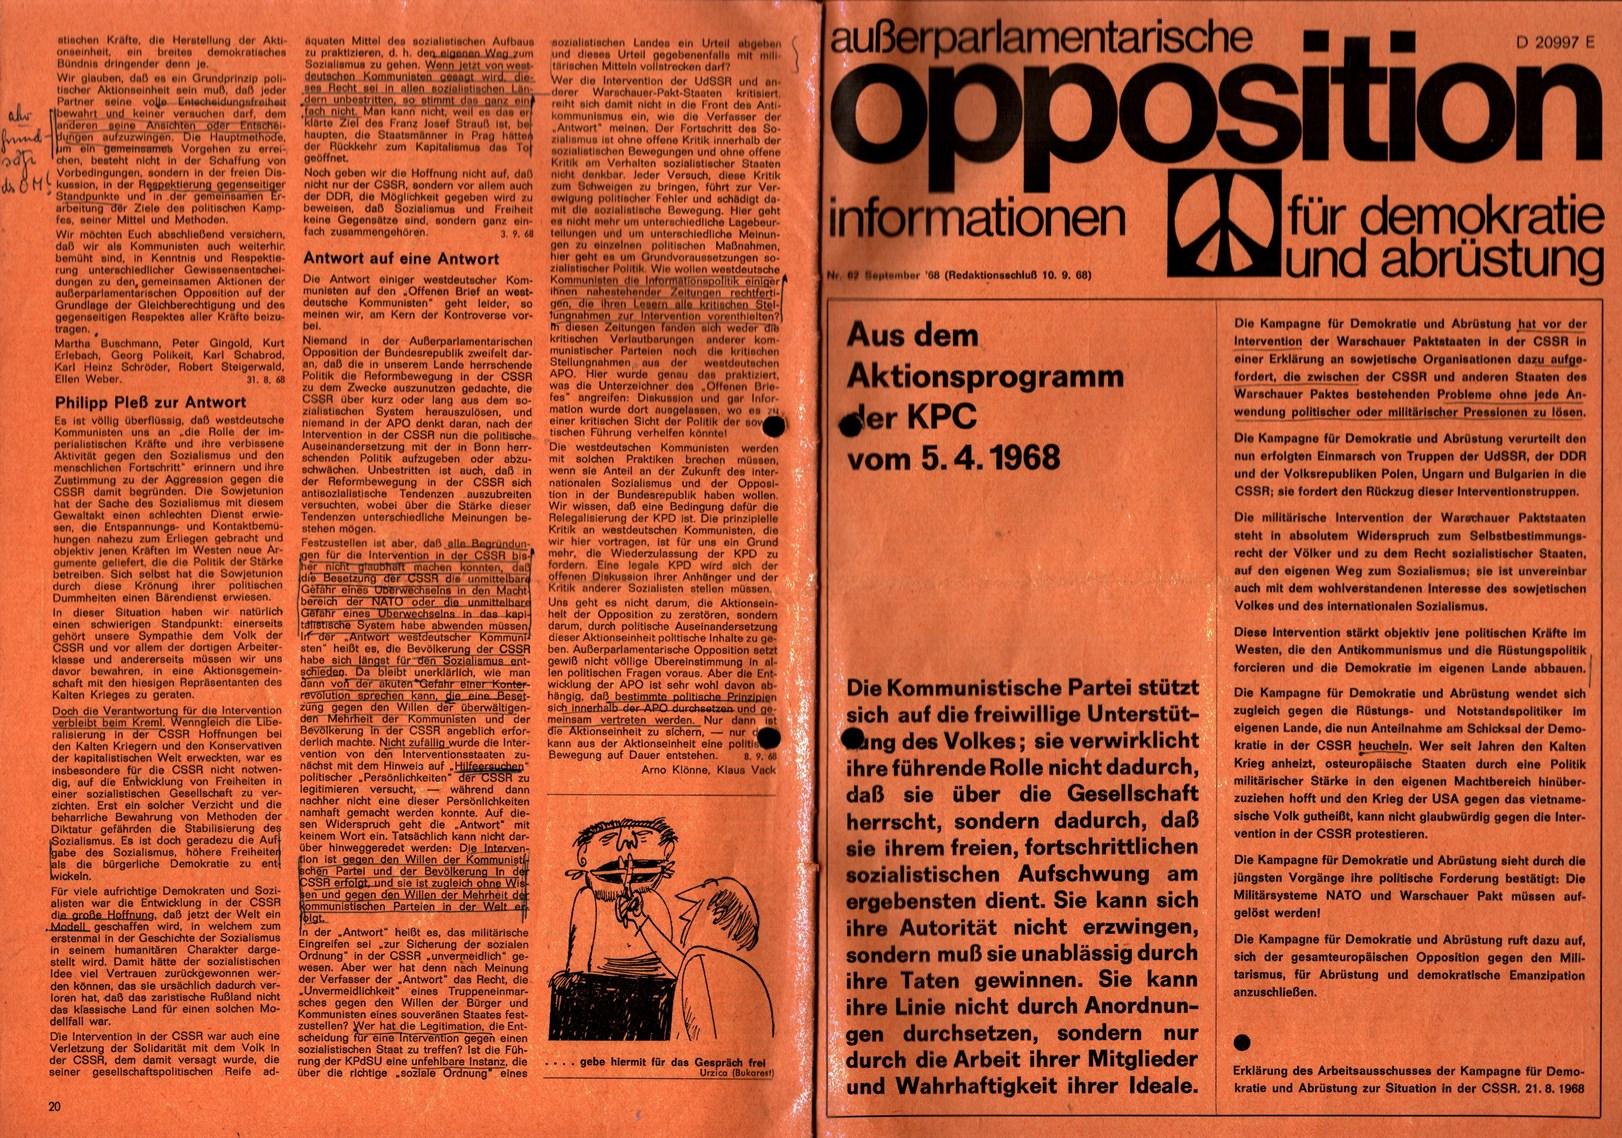 Infos_zur_Abruestung_1968_062_001